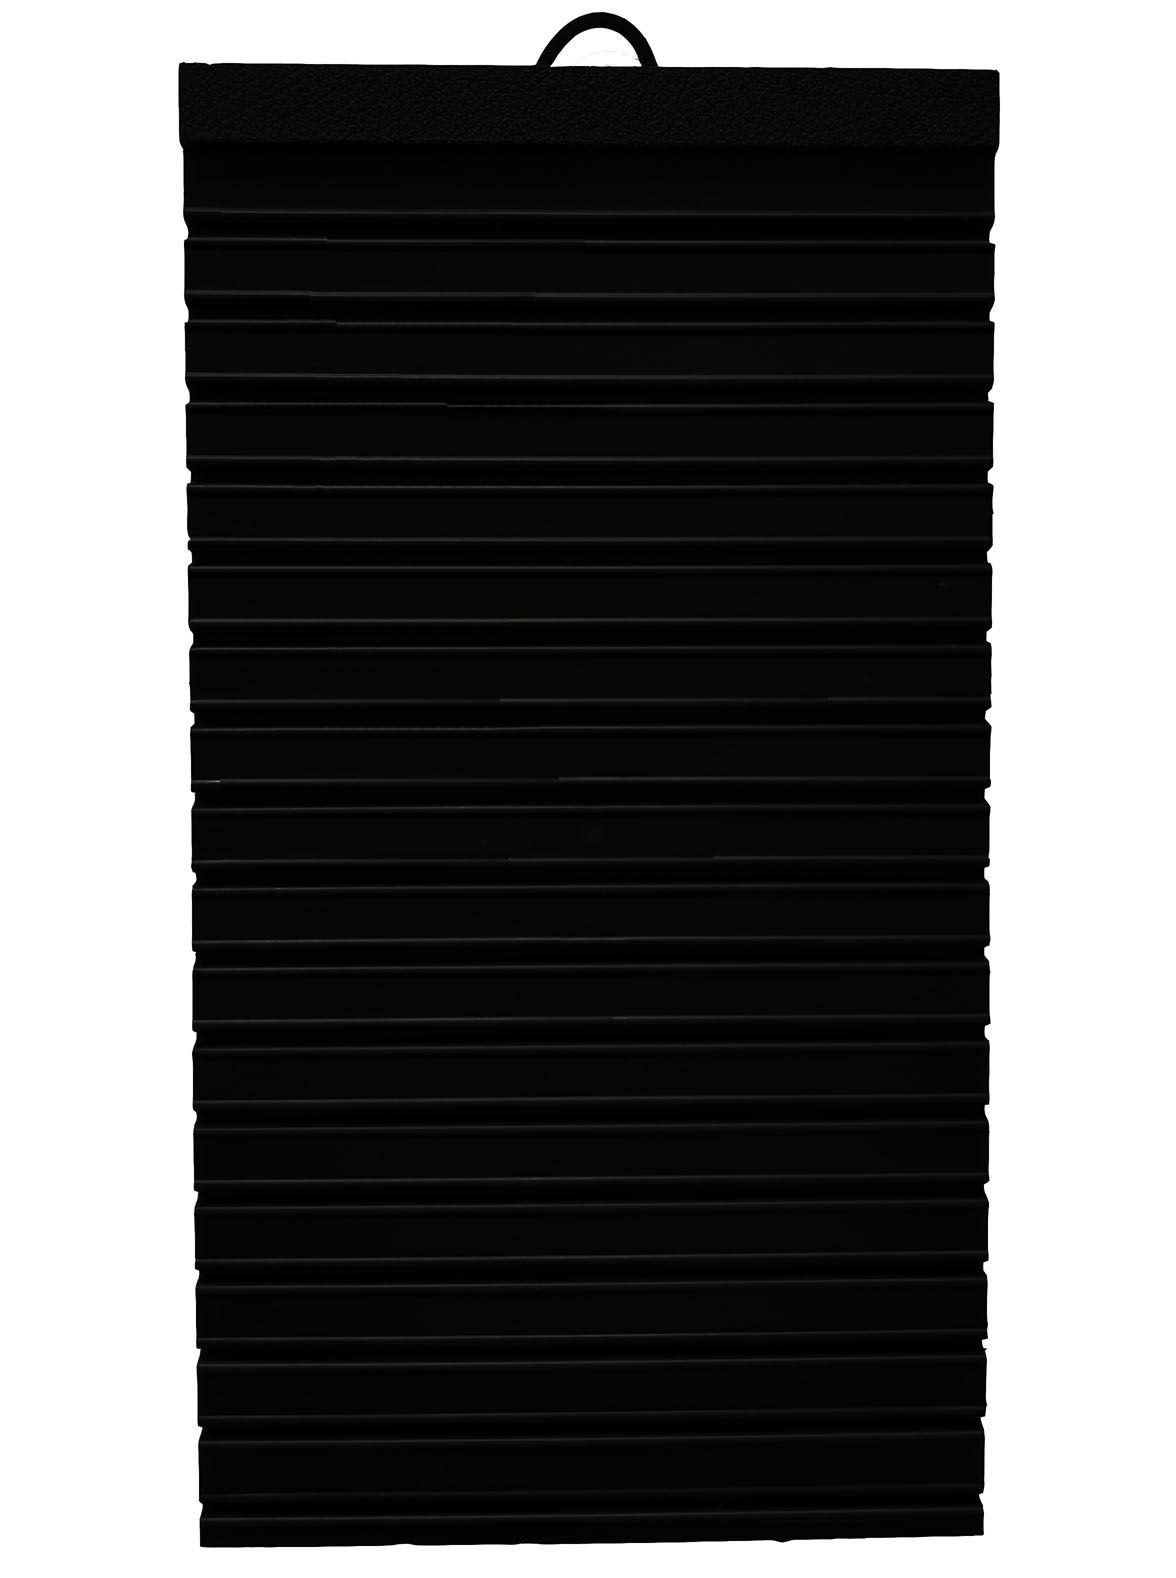 Quadro Decorativo Letrex - Bar, Restaurante, Casa, Barbearia